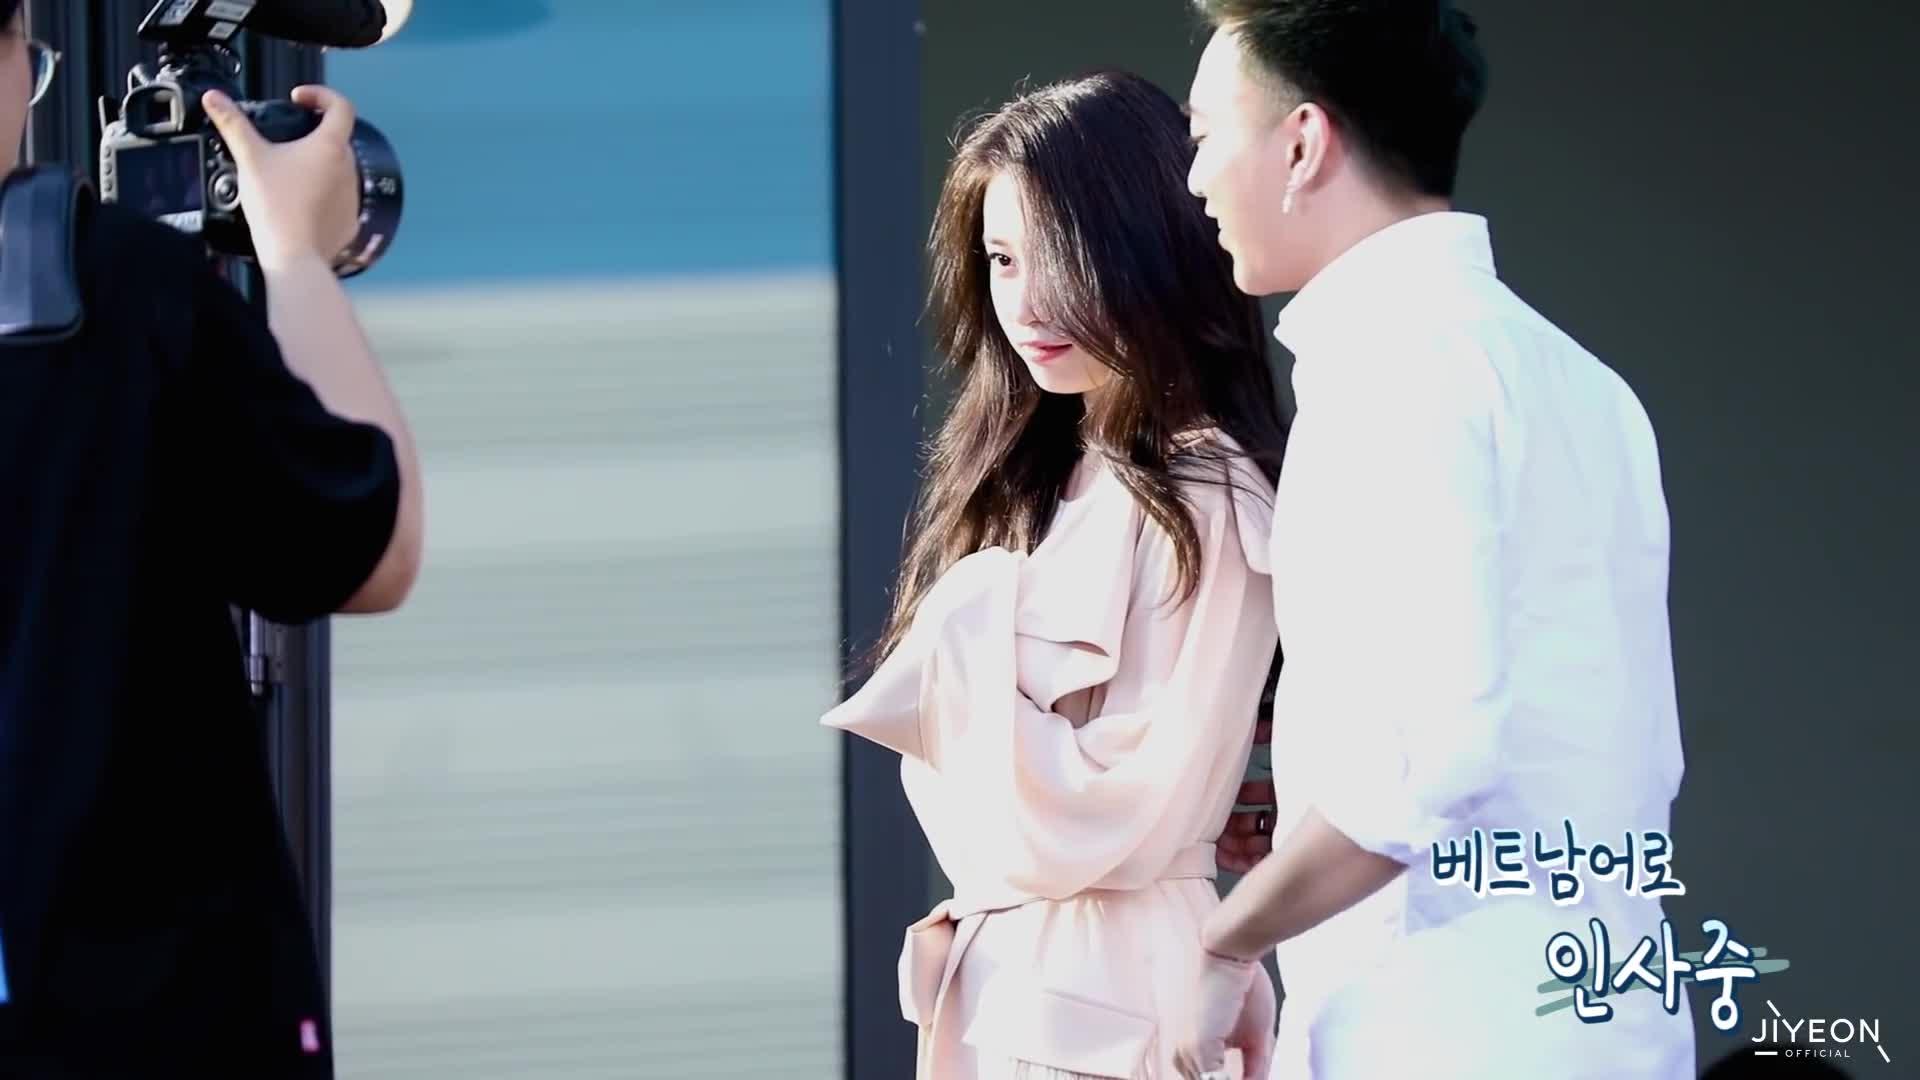 Clip: Rung rinh với khoảnh khắc Jiyeon cười thả ga bên cạnh 1 Soobin ngượng đỏ cả mặt